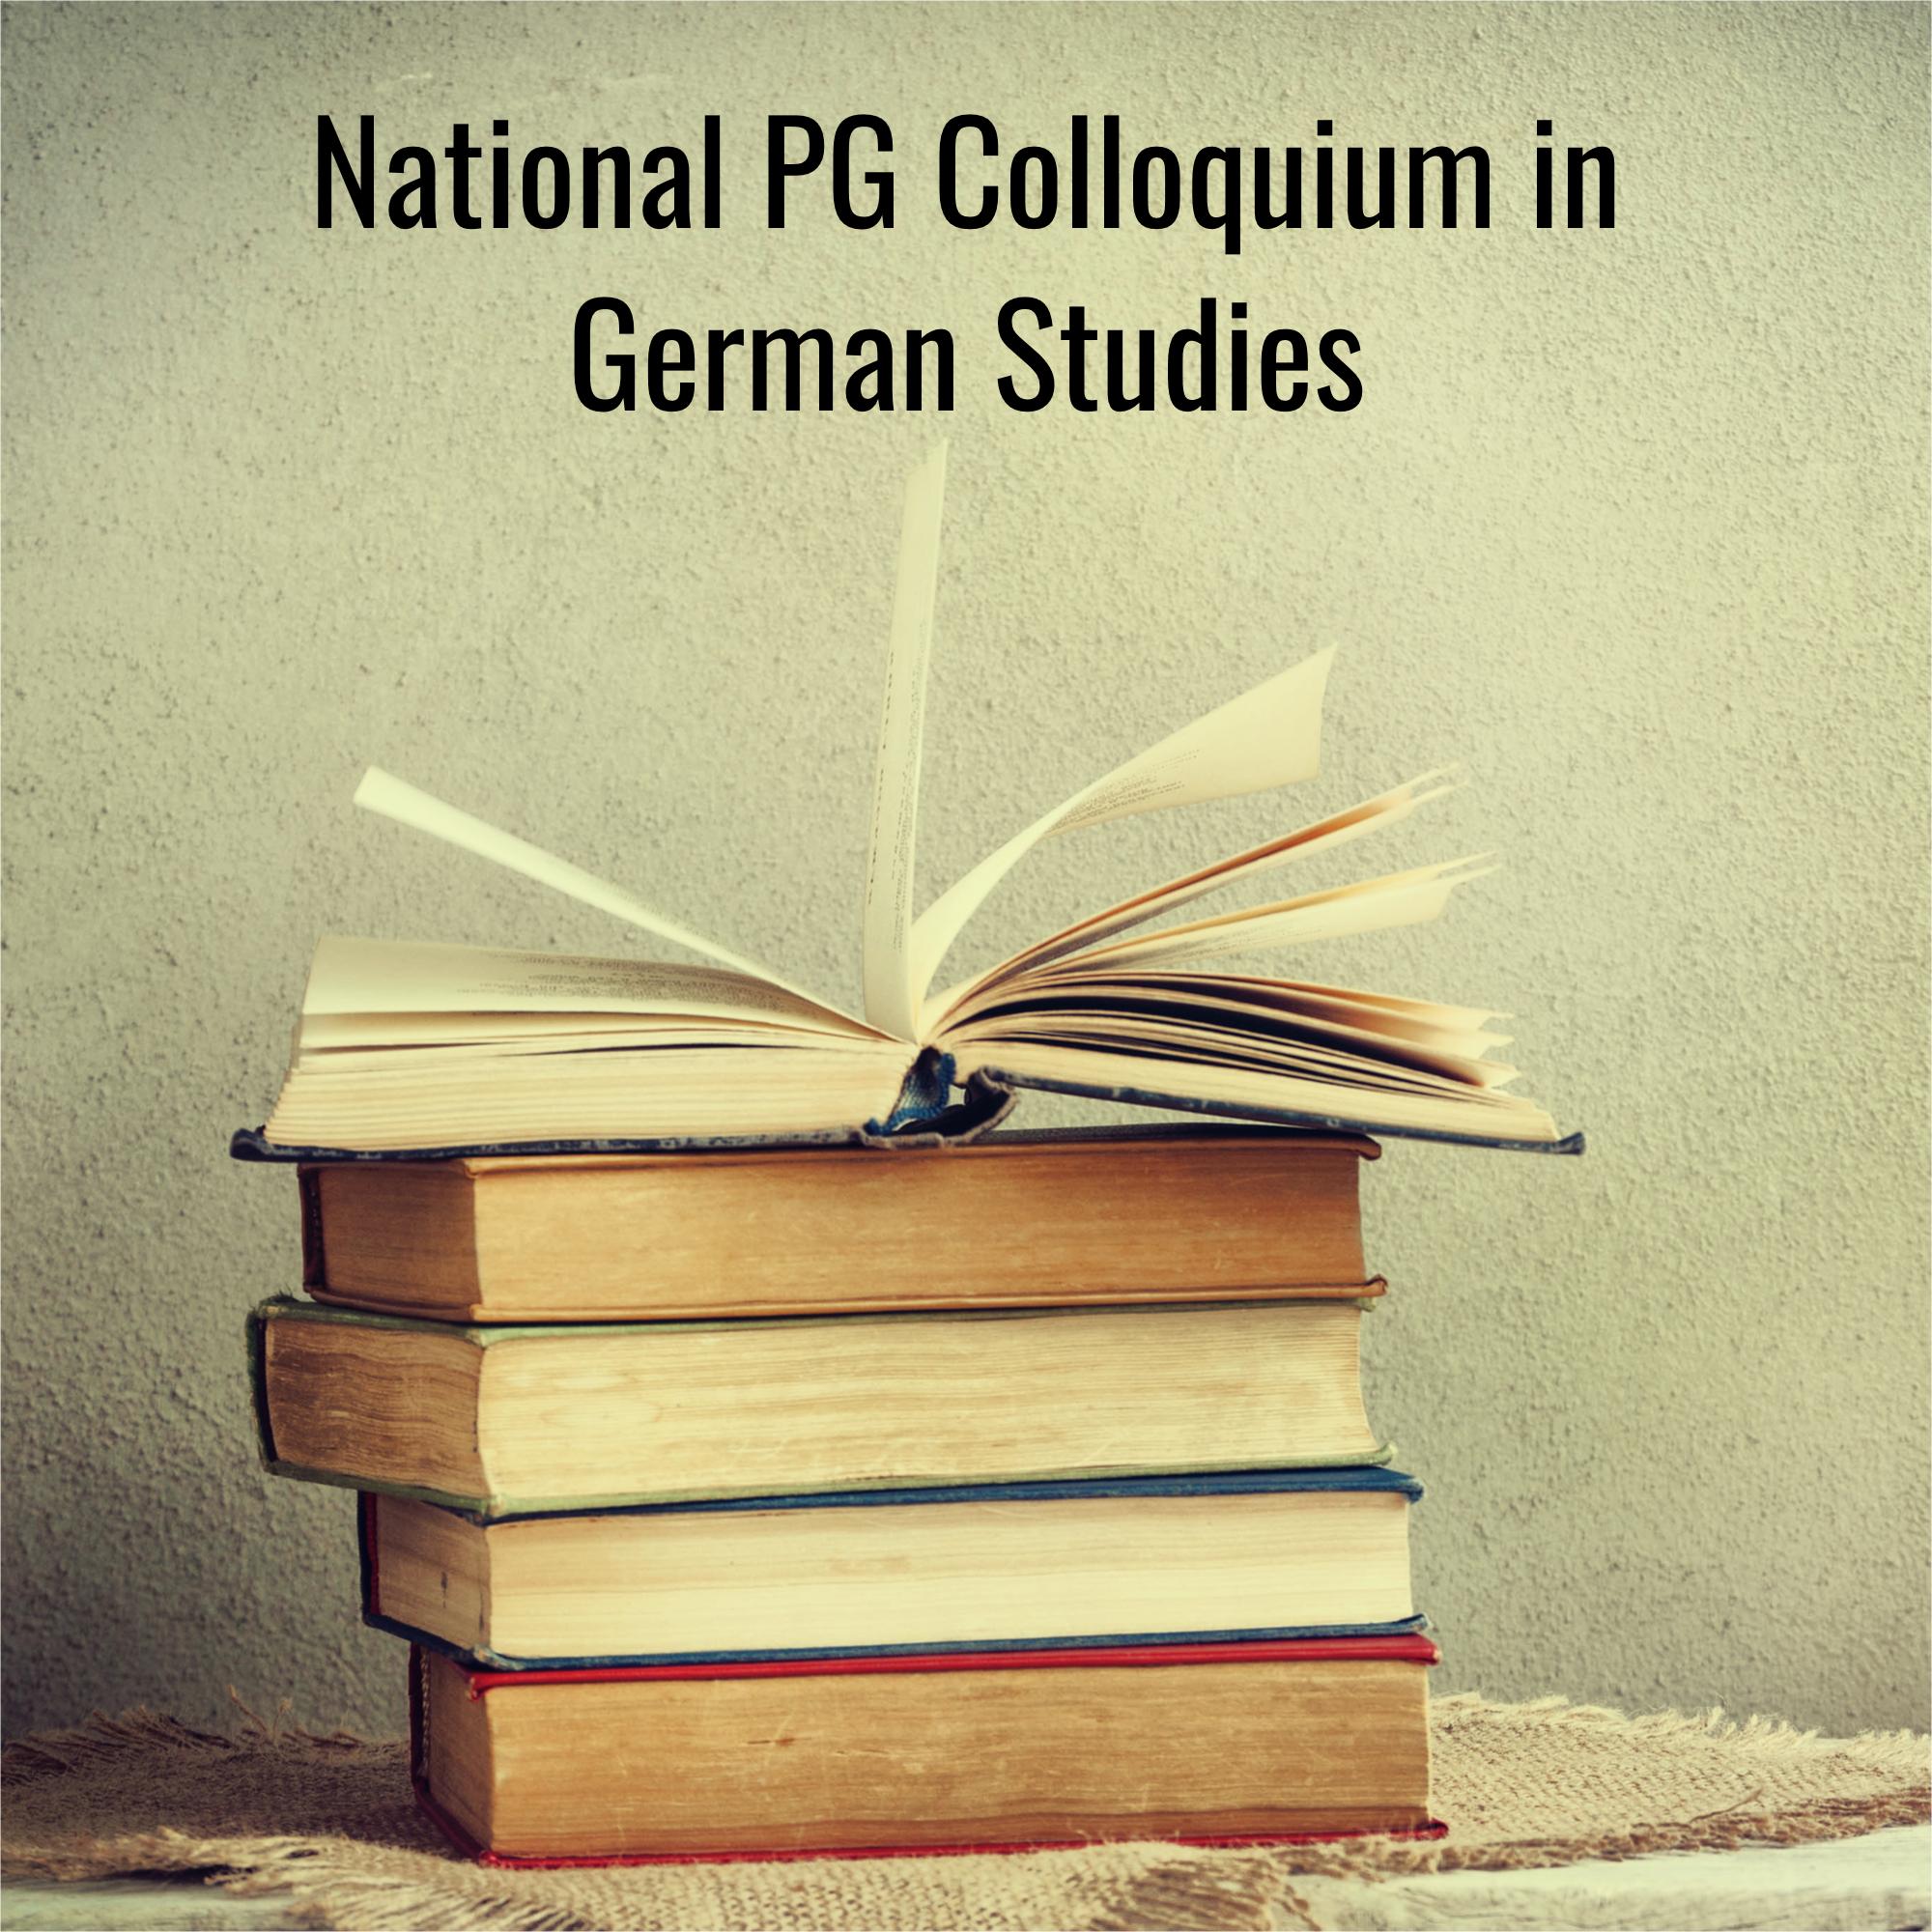 65th National PG Colloquium in German Studies